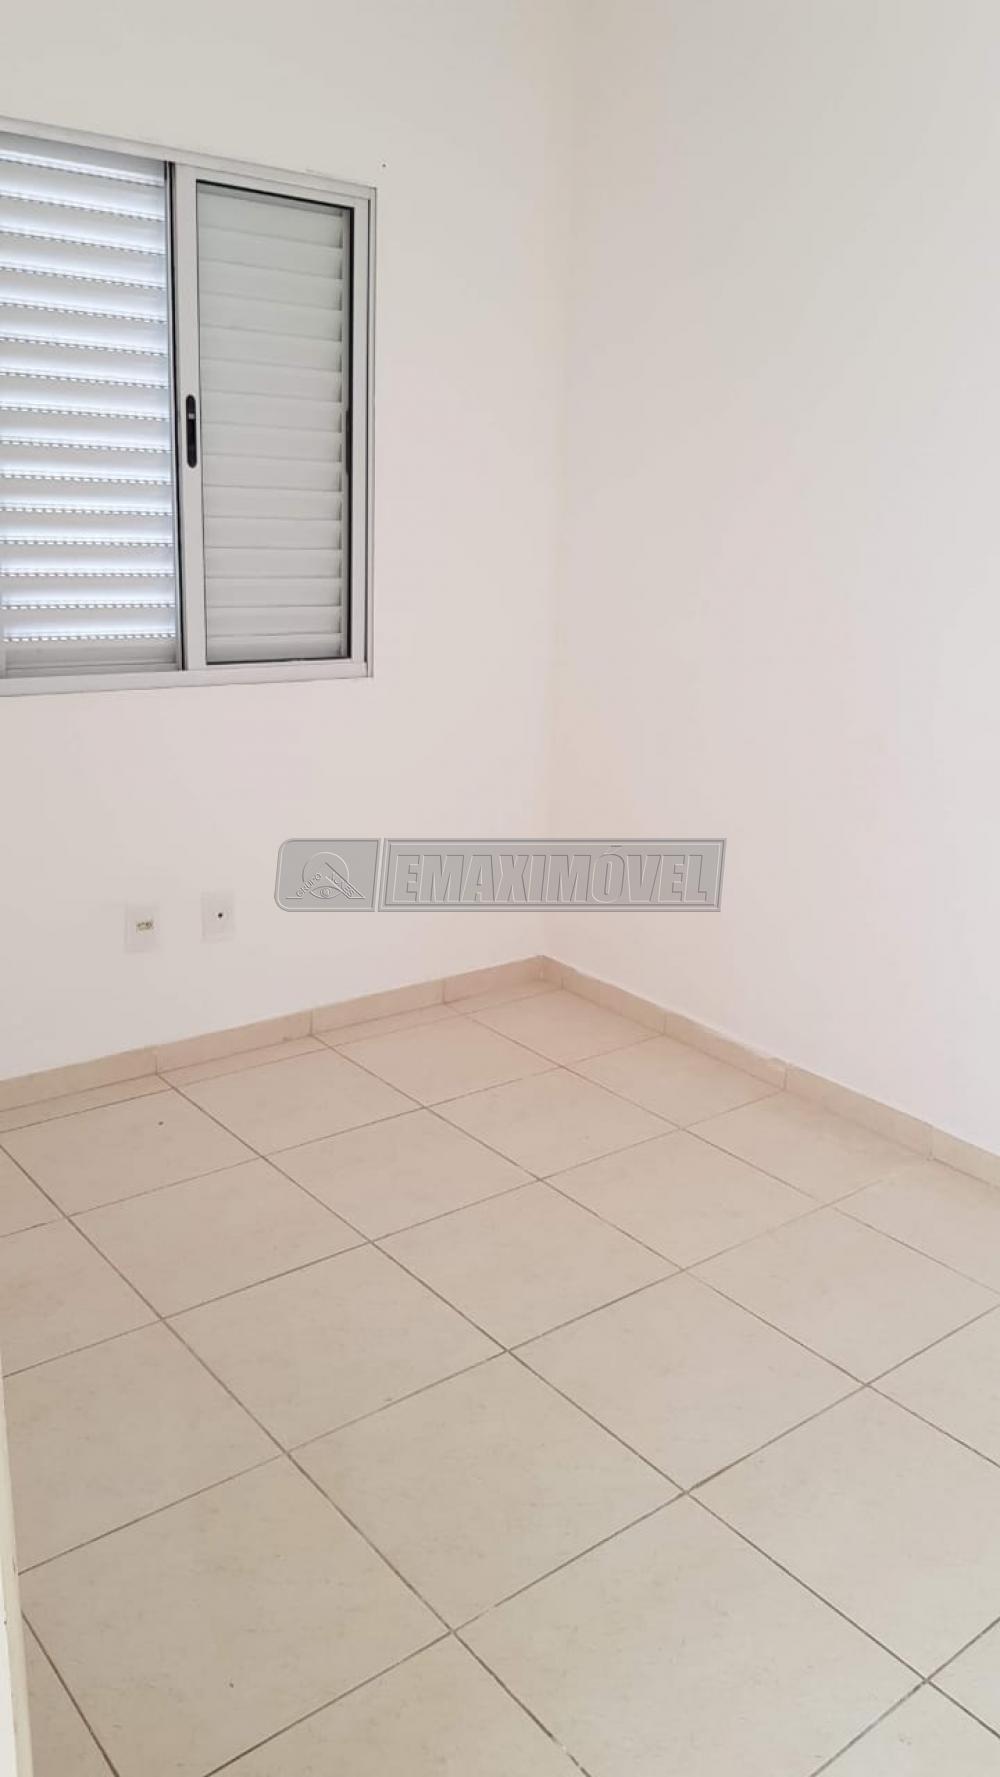 Comprar Apartamentos / Apto Padrão em Sorocaba apenas R$ 198.000,00 - Foto 7